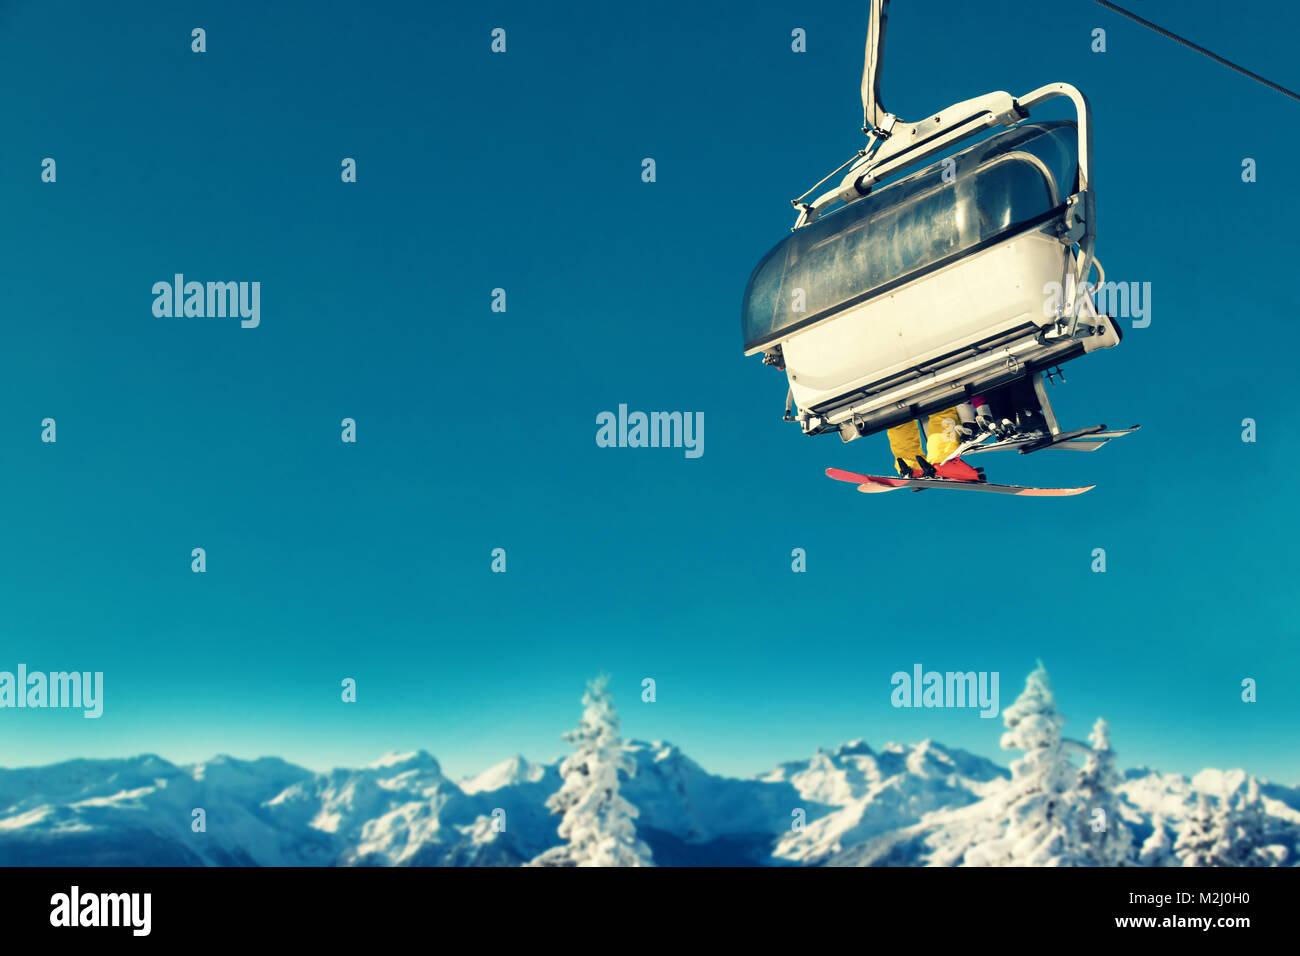 Les gens en télésiège au ski au-dessus de paysage de neige et de montagnes Photo Stock